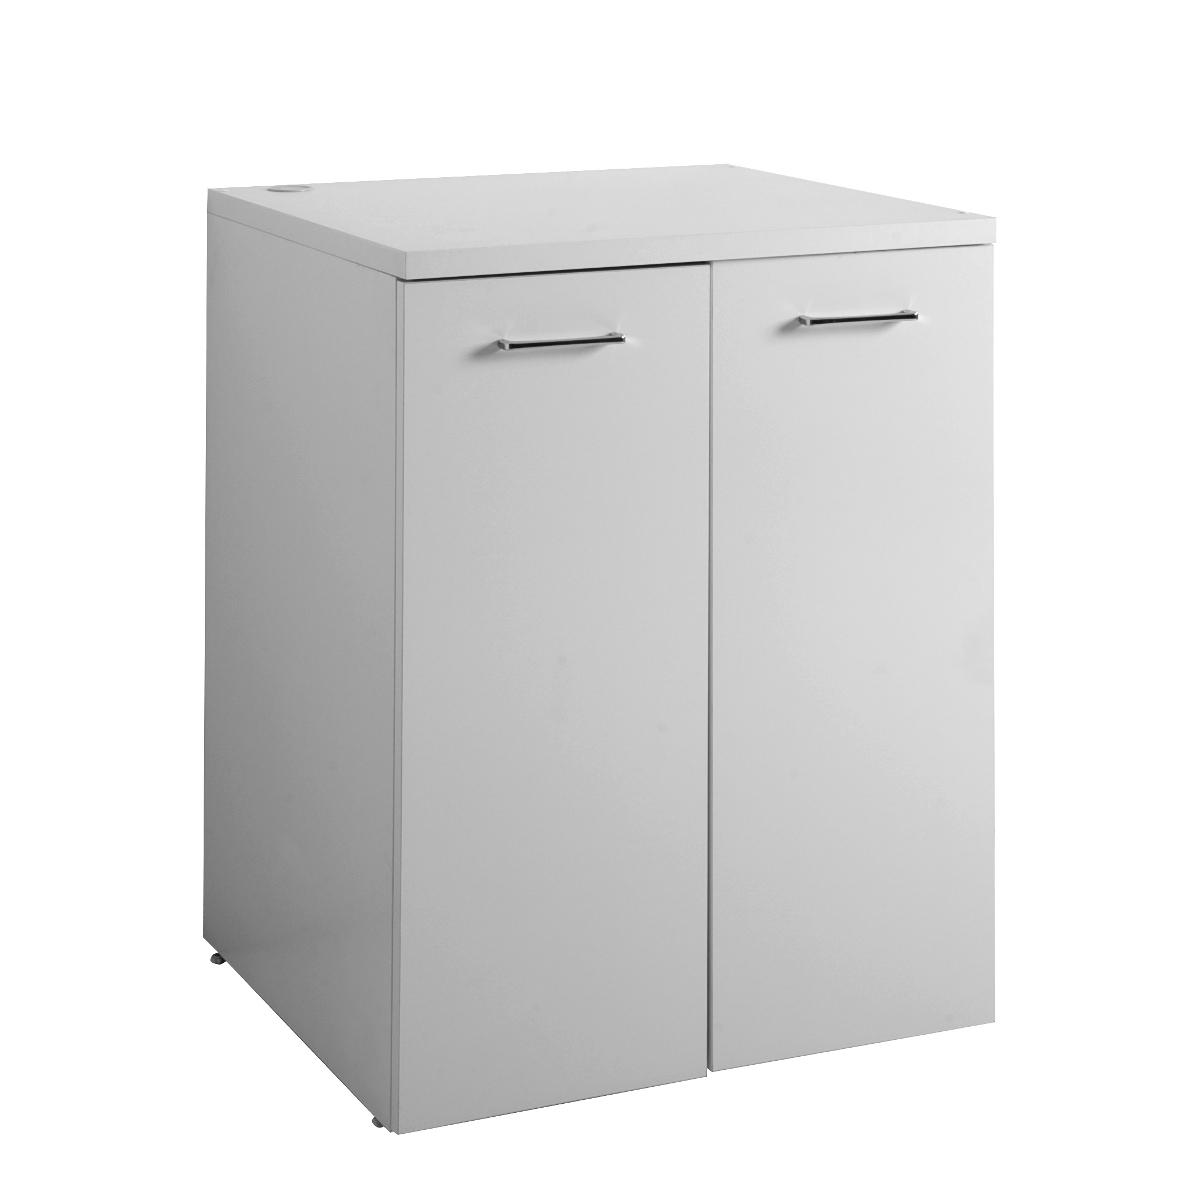 Mobile base contenitore lavatrice/asciugatrice 70x66x91 Wash